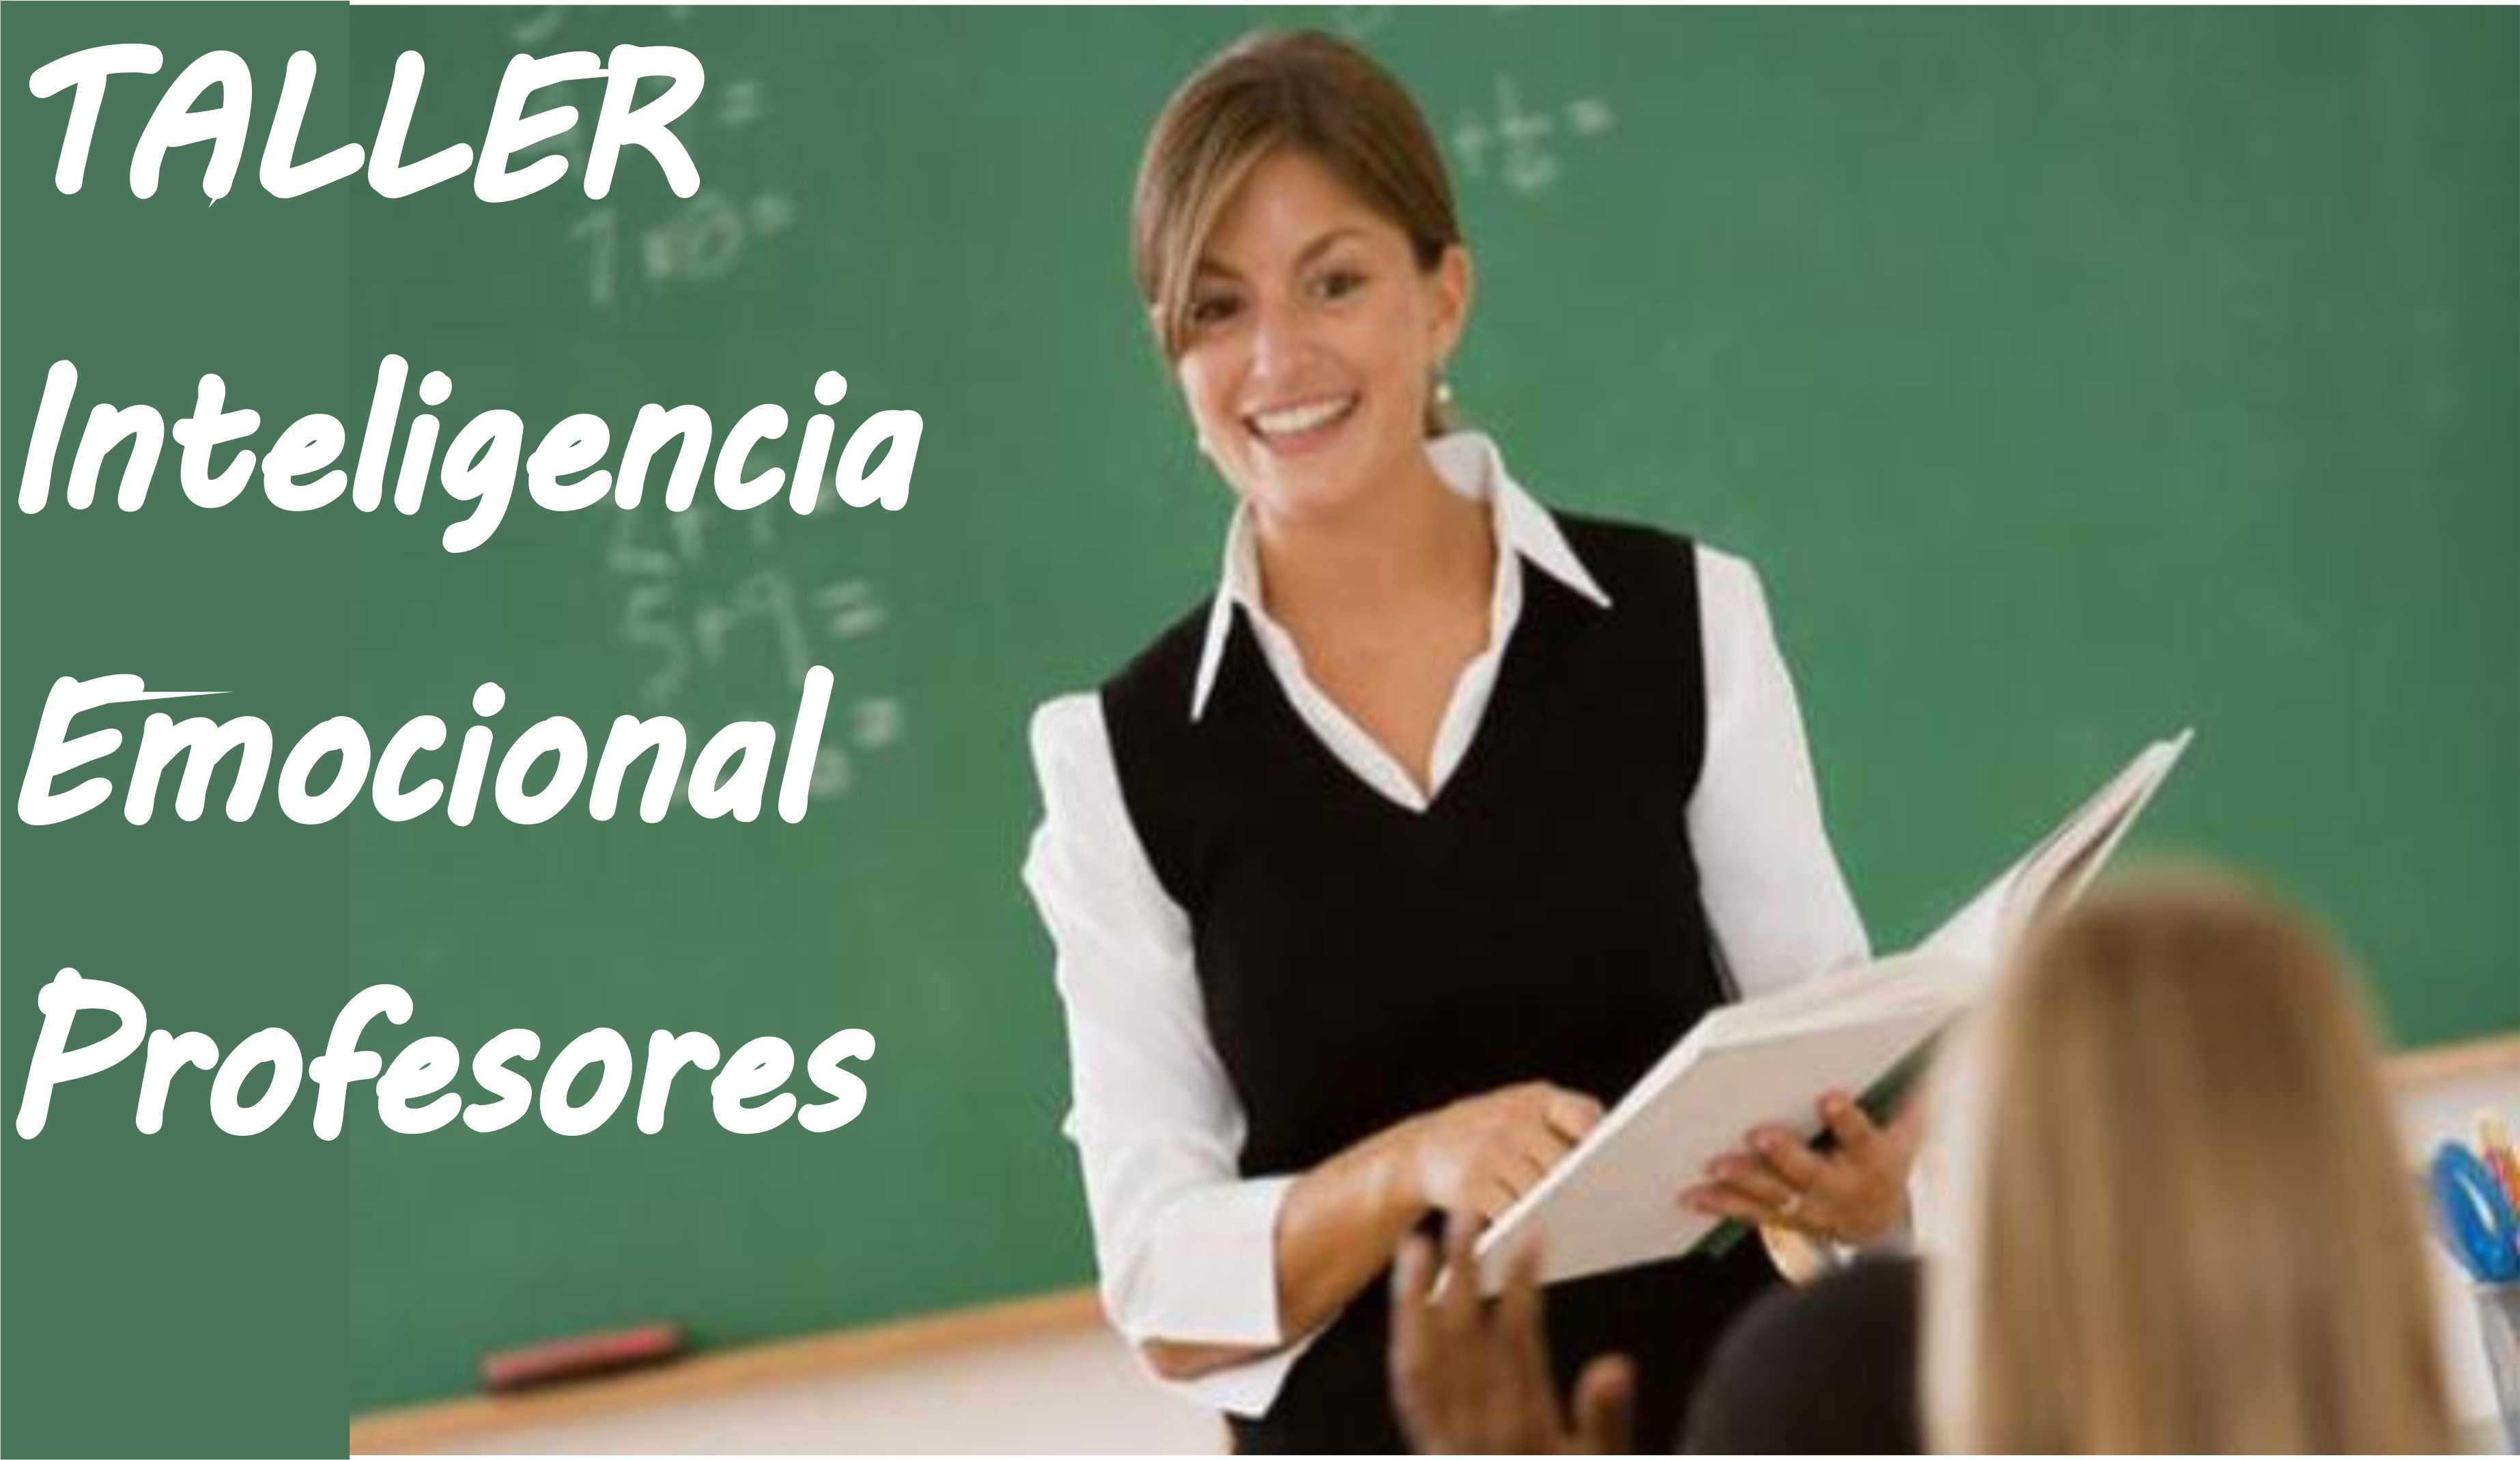 Taller de Inteligencia emocional para profesores